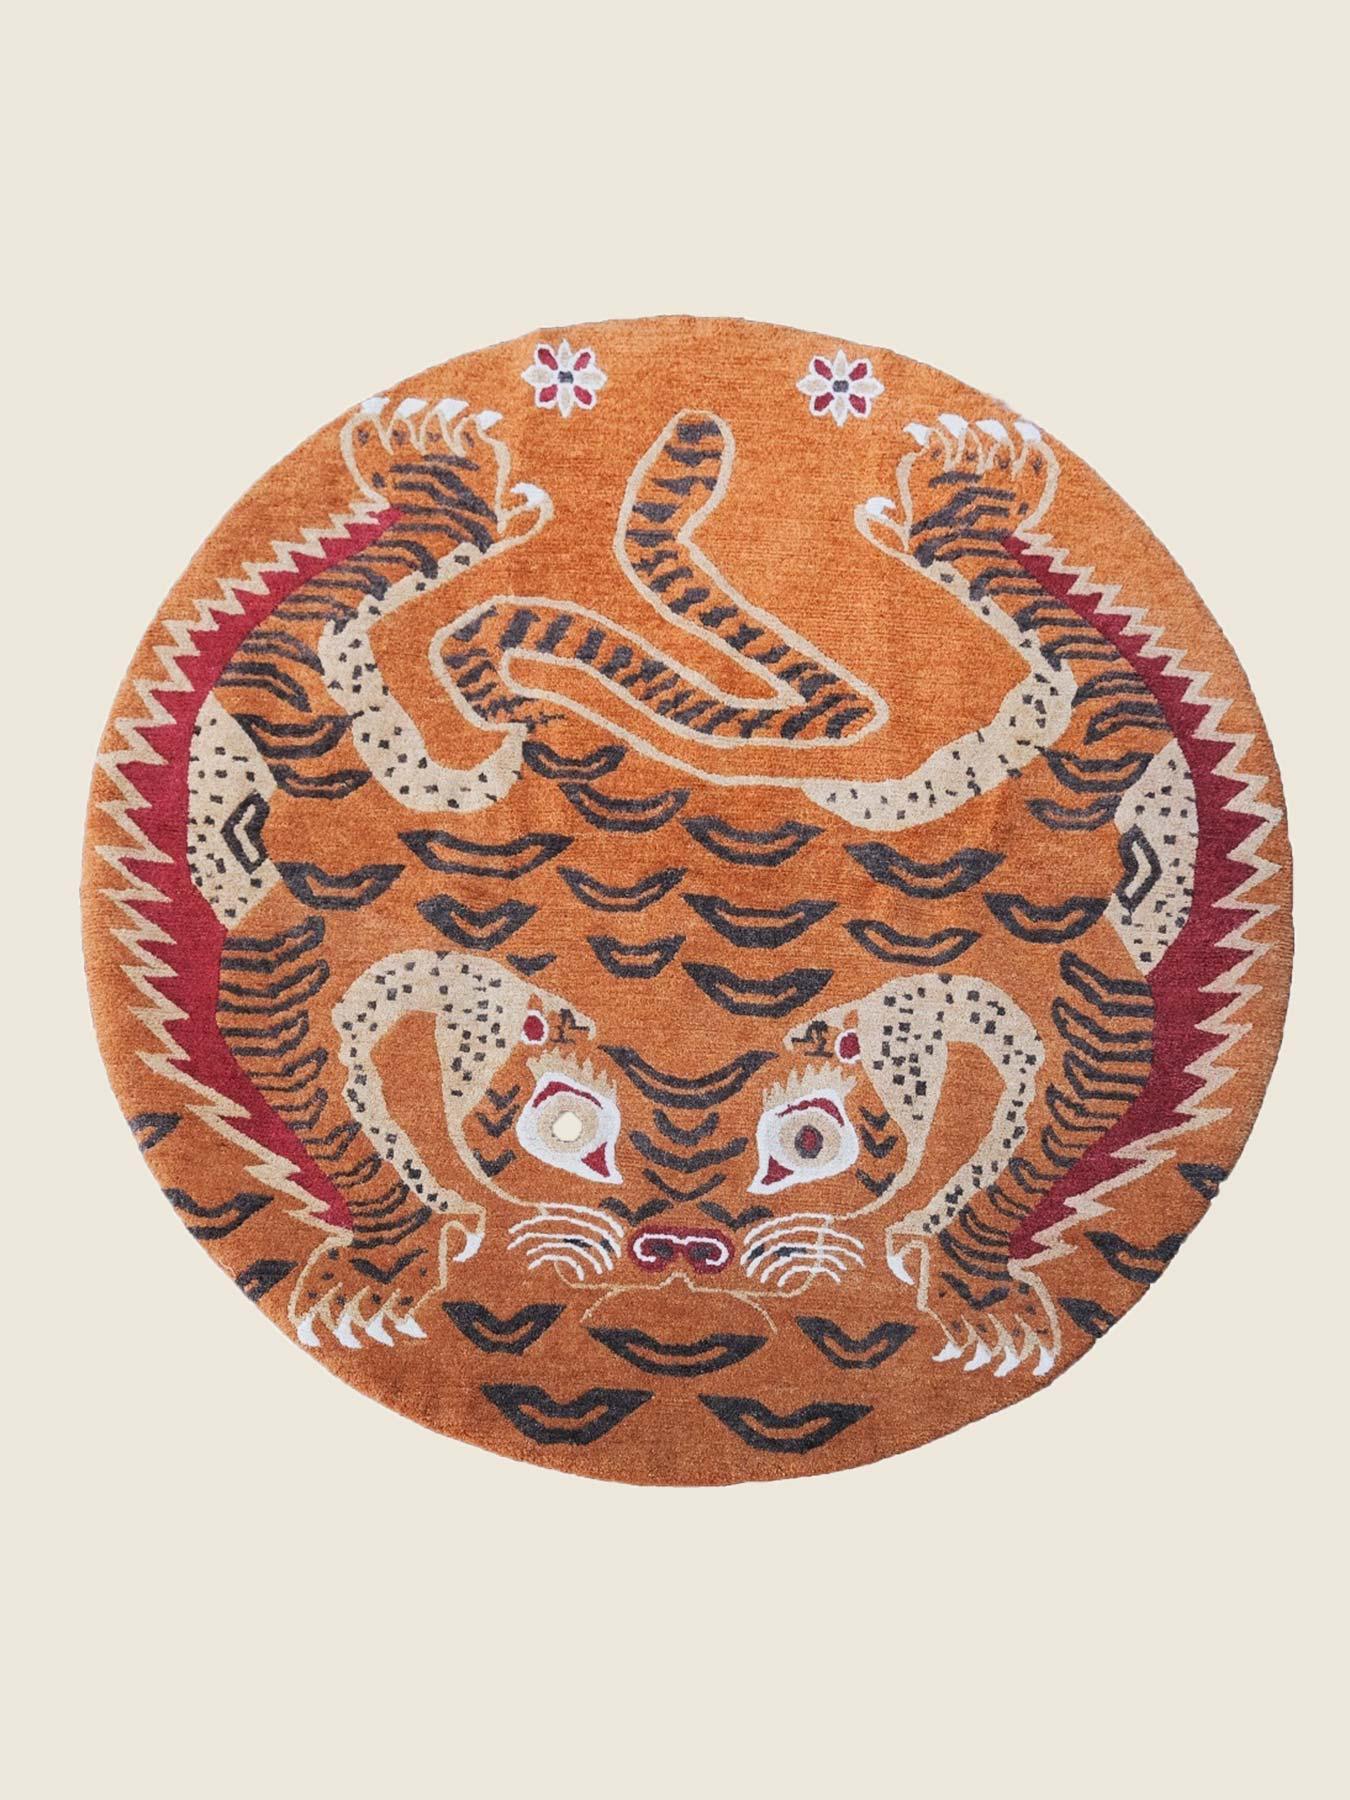 Tiger Wheel Of Dharma yx-01